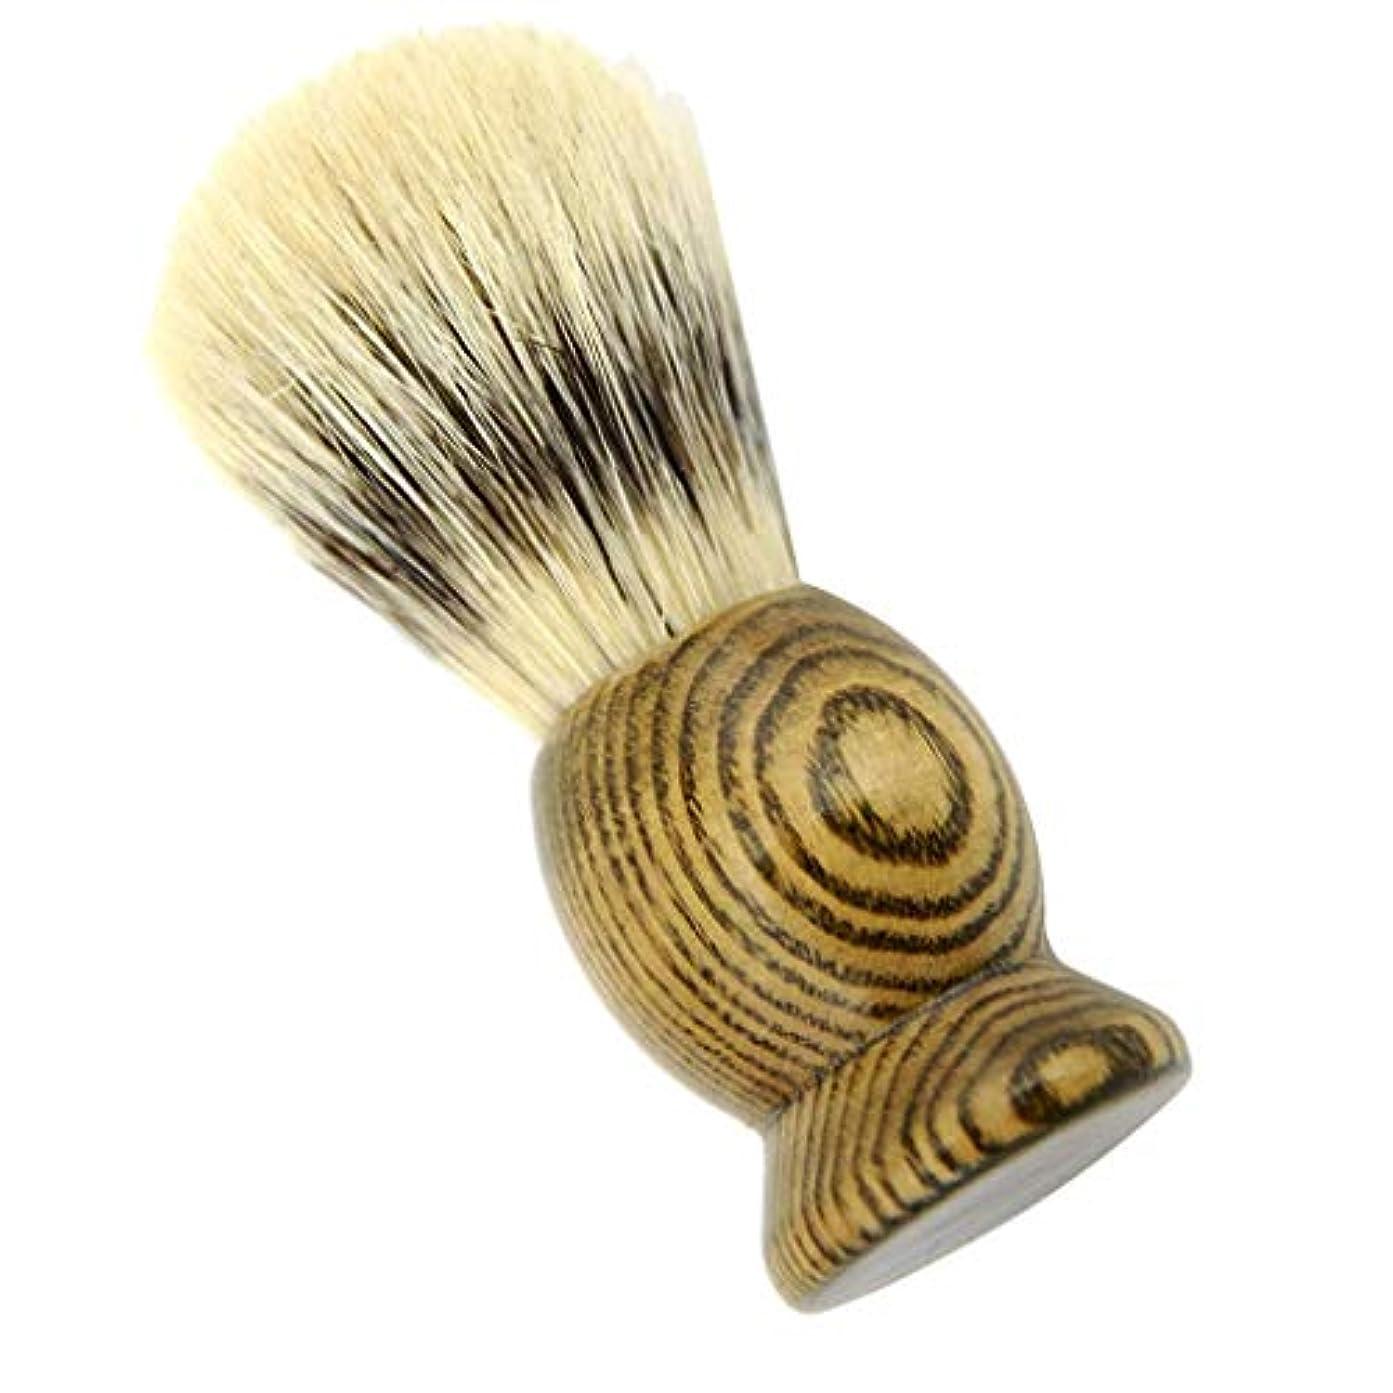 アルネ残基聴衆Hellery メンズ用 髭剃り ブラシ シェービングブラシ 男性 ギフト 理容 洗顔 髭剃り ボックス付